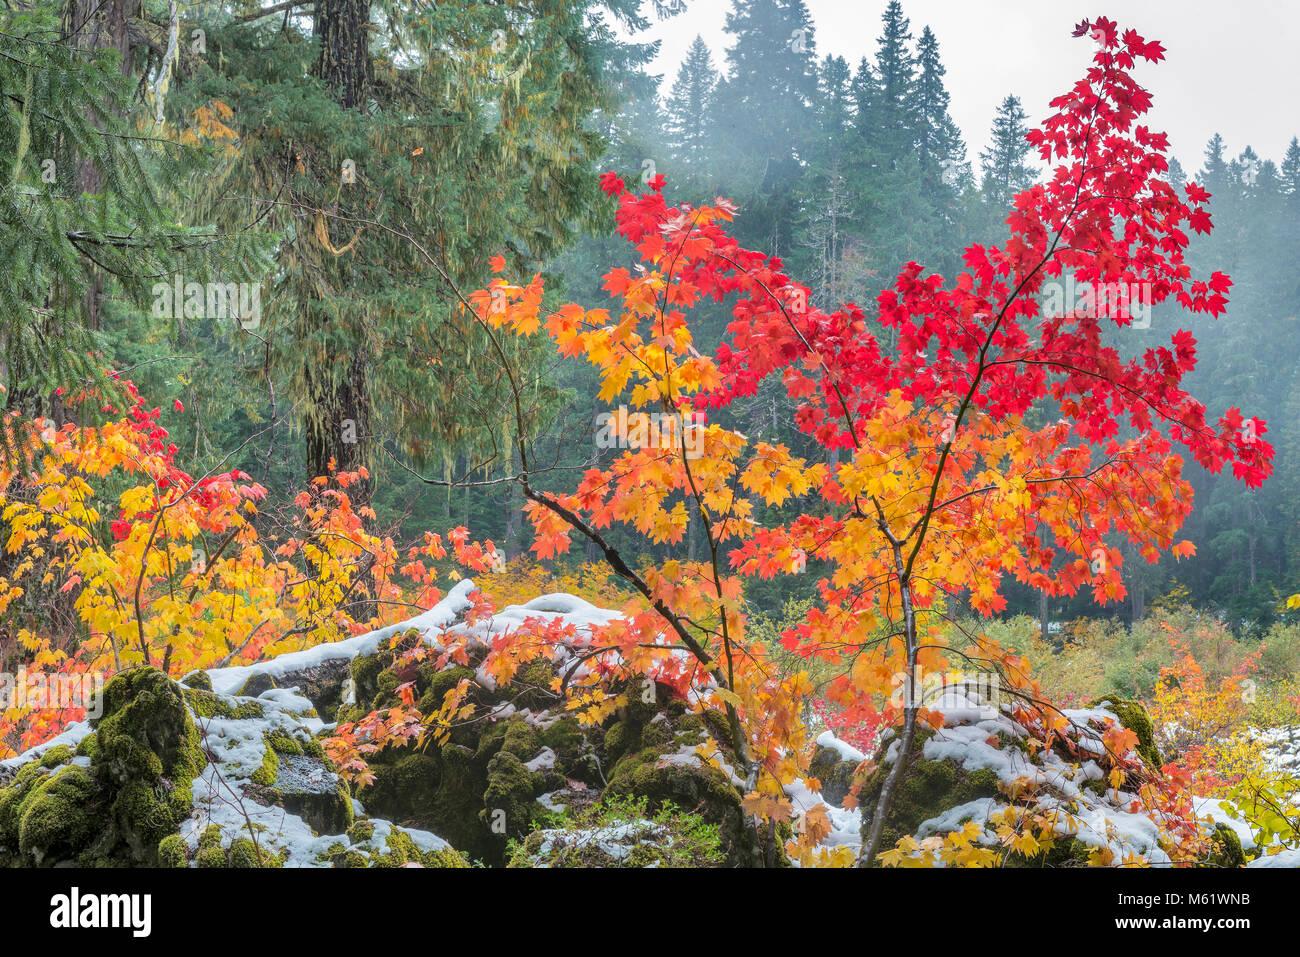 Niebla, Vid Maple, Acer circinatum, roca volcánica, Santiam Trail, McKenzie River National salvaje y escénico Imagen De Stock